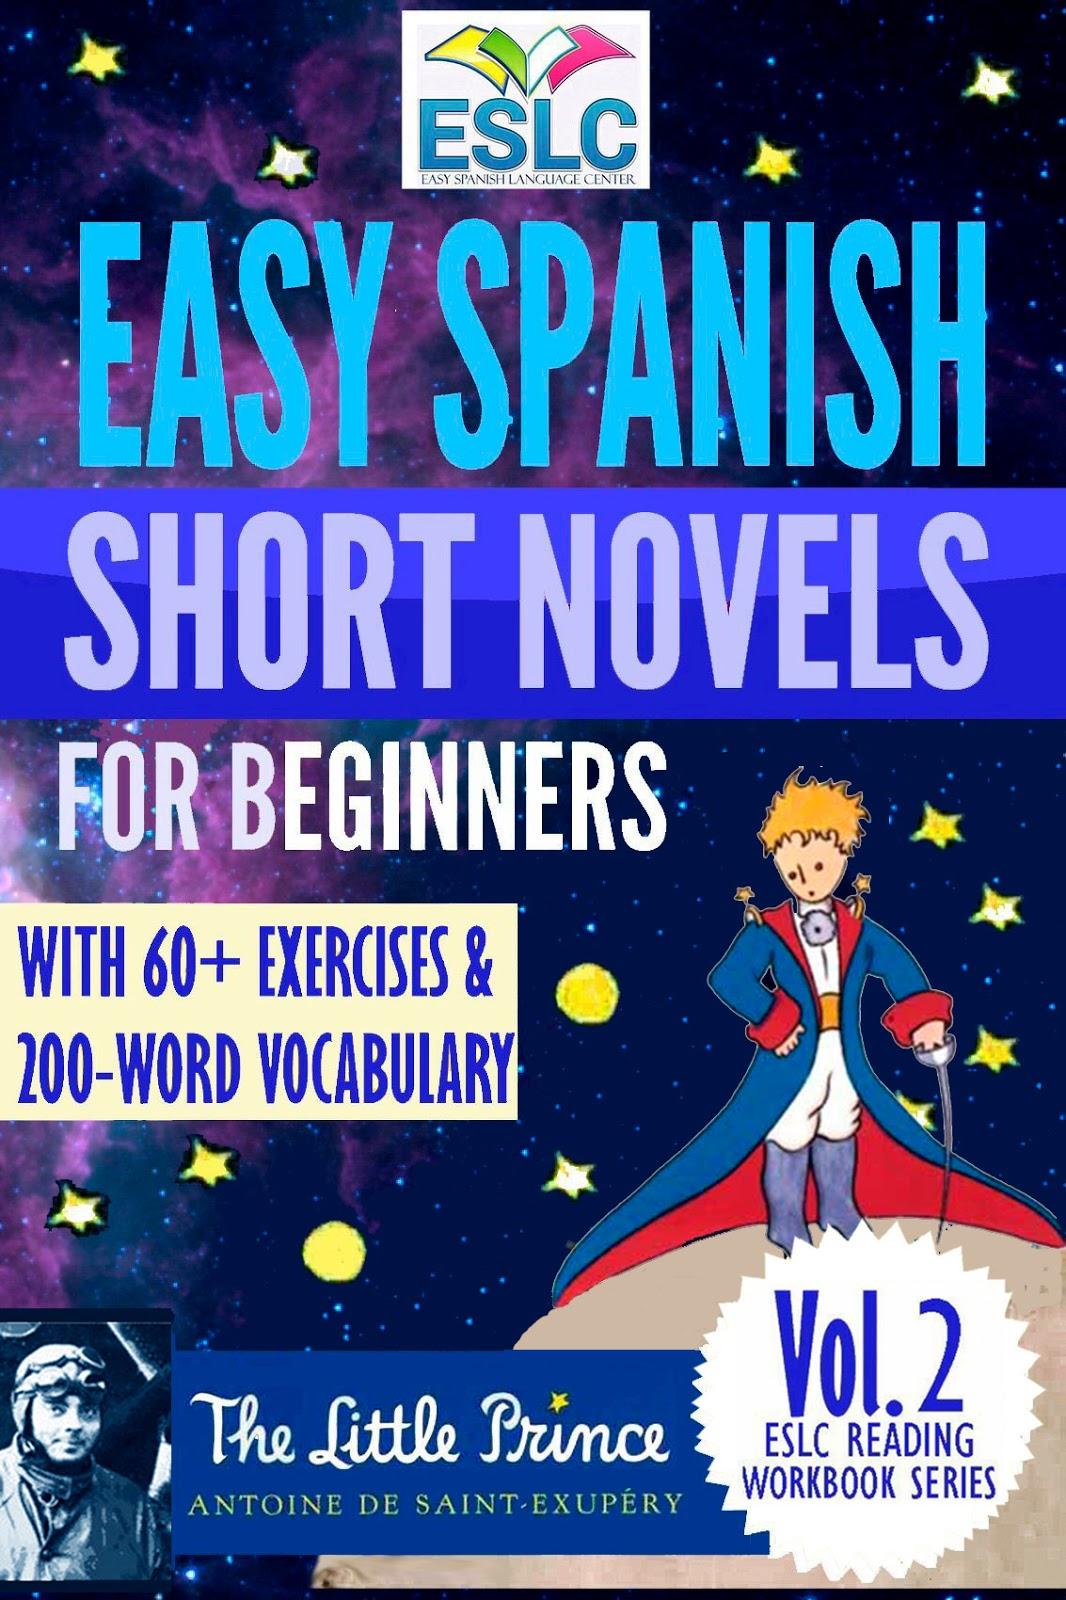 Workbooks spanish language workbooks : Reading Workbooks With 60+ Exercises & 200-Word Vocabulary - Easy ...